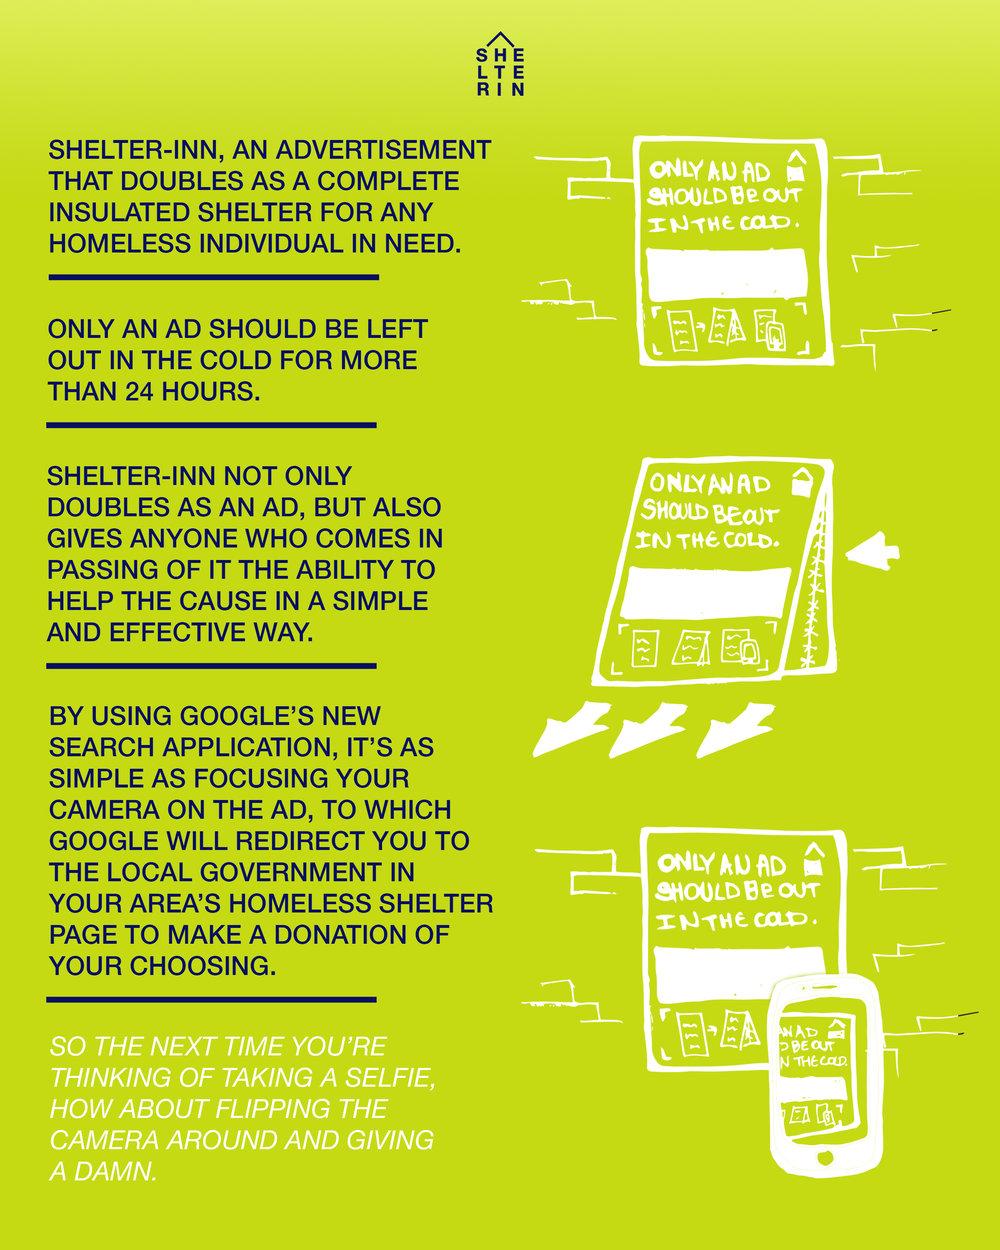 shelter inn PDF for MAS Awards Submission.jpg